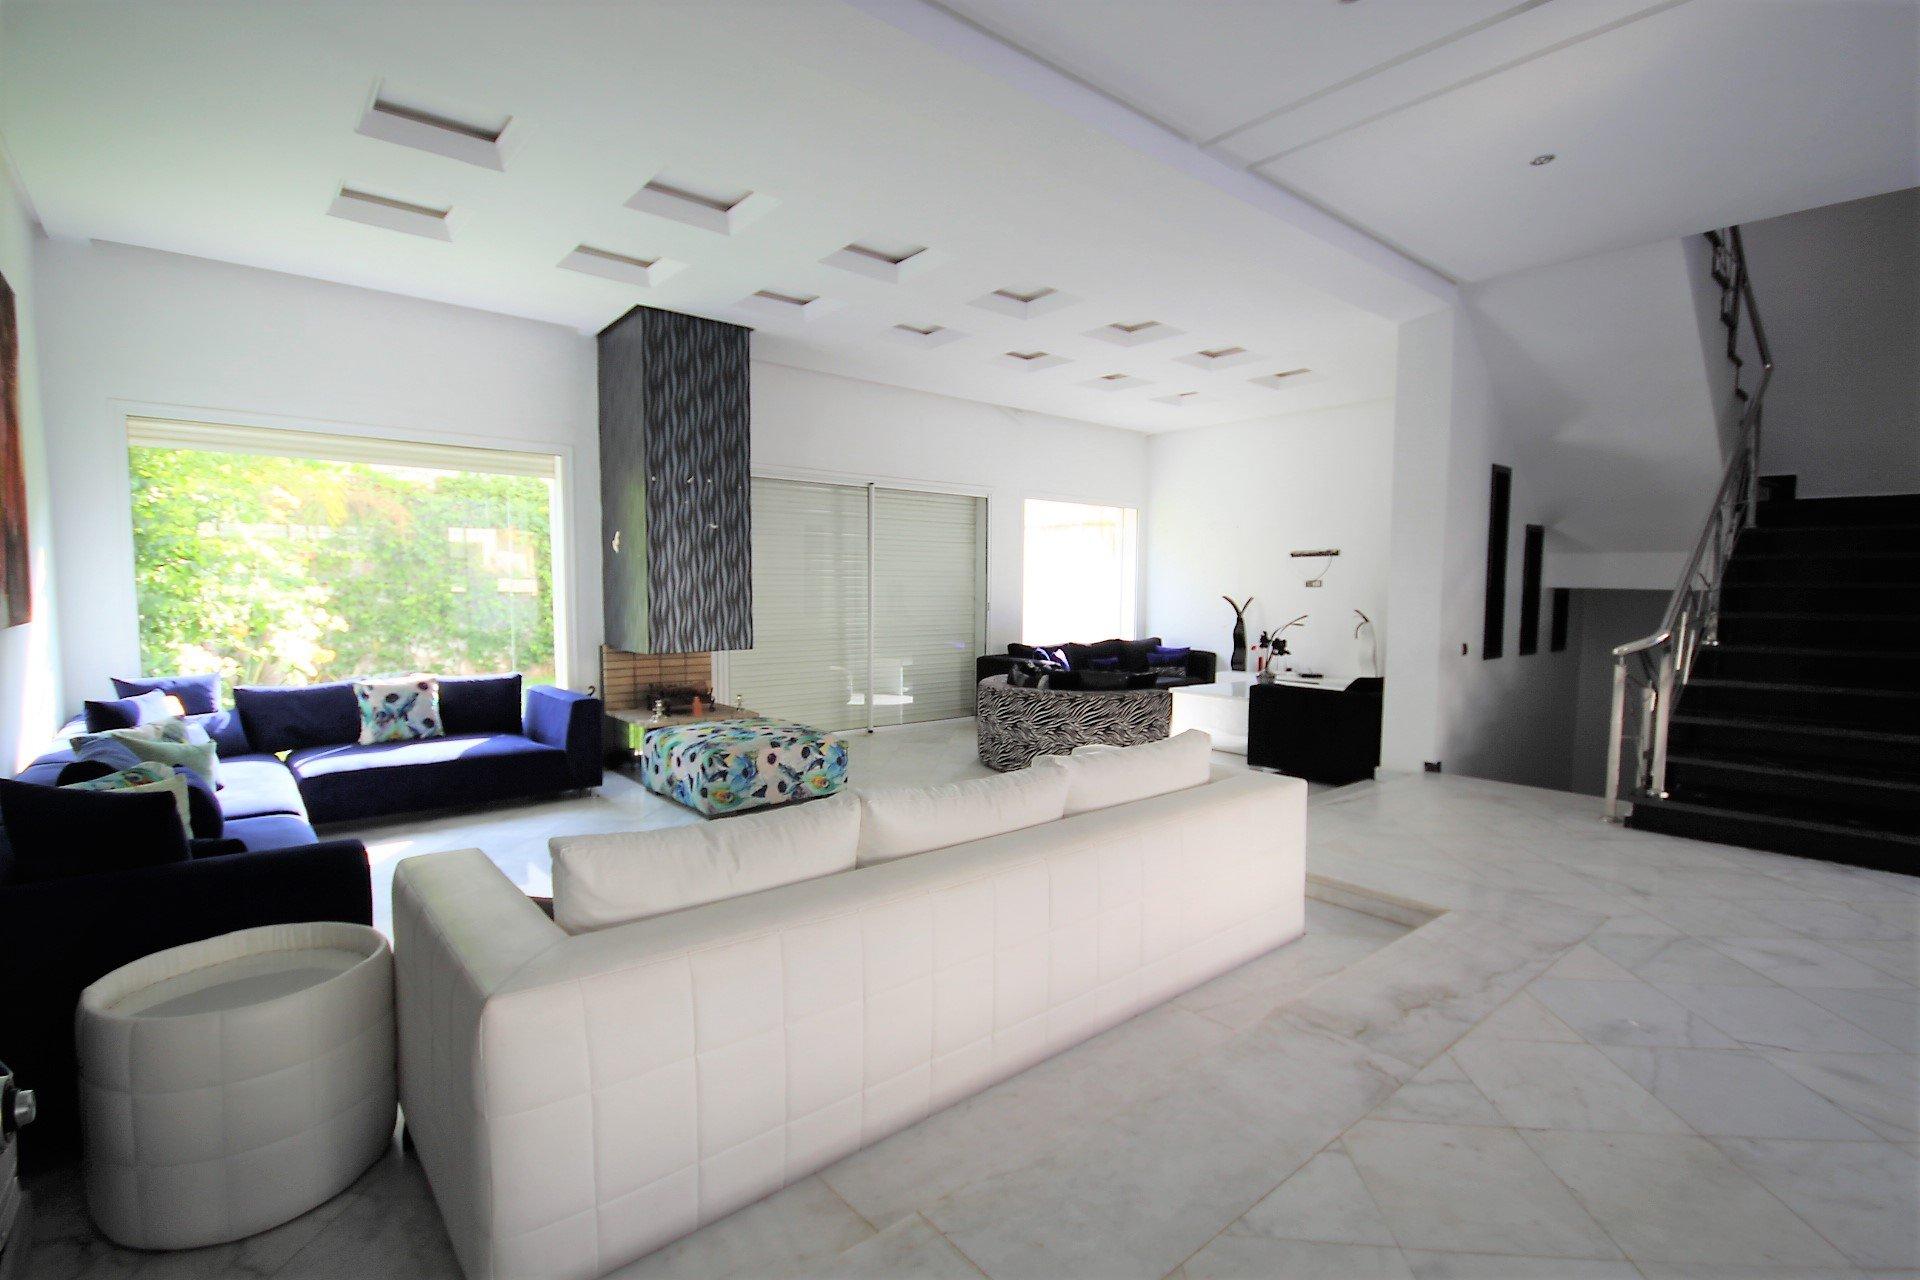 à vendre Villa moderne de 450 m² habitable bâtie sur un terrain de 250m ( oulfa )